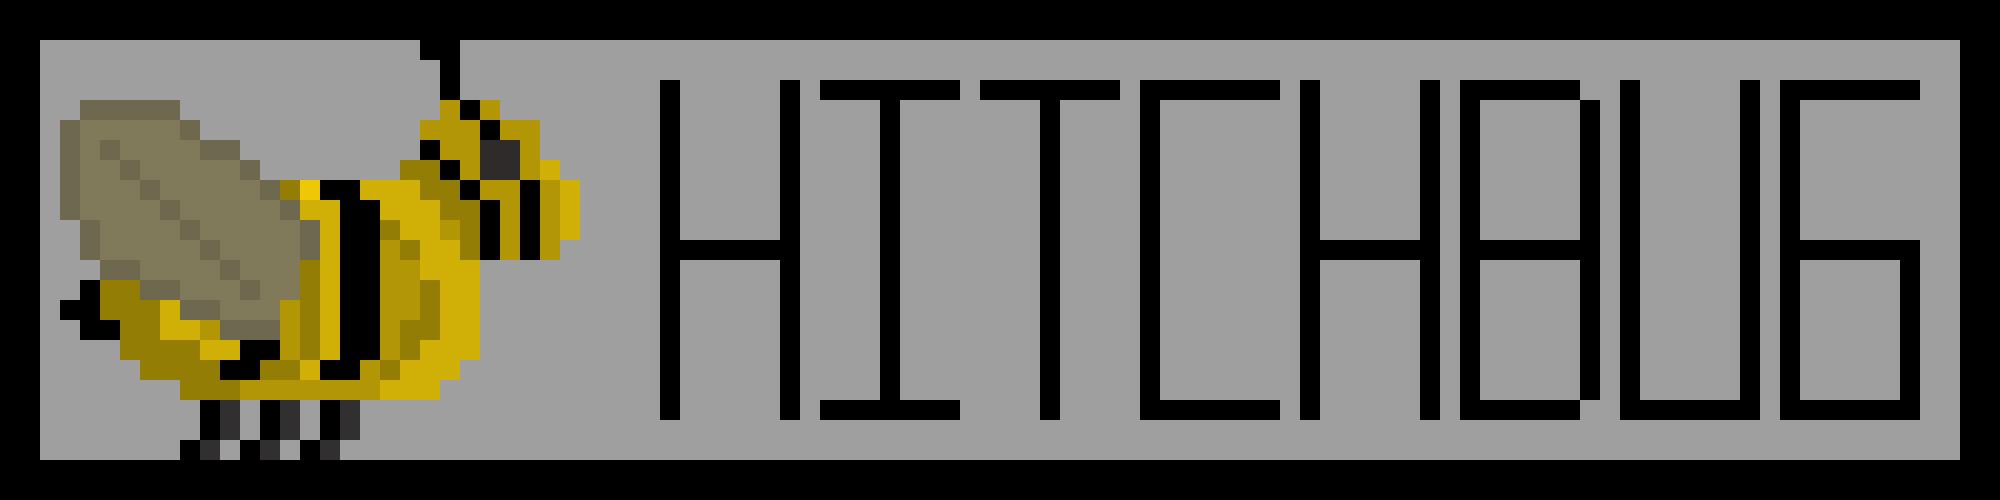 HitchBug